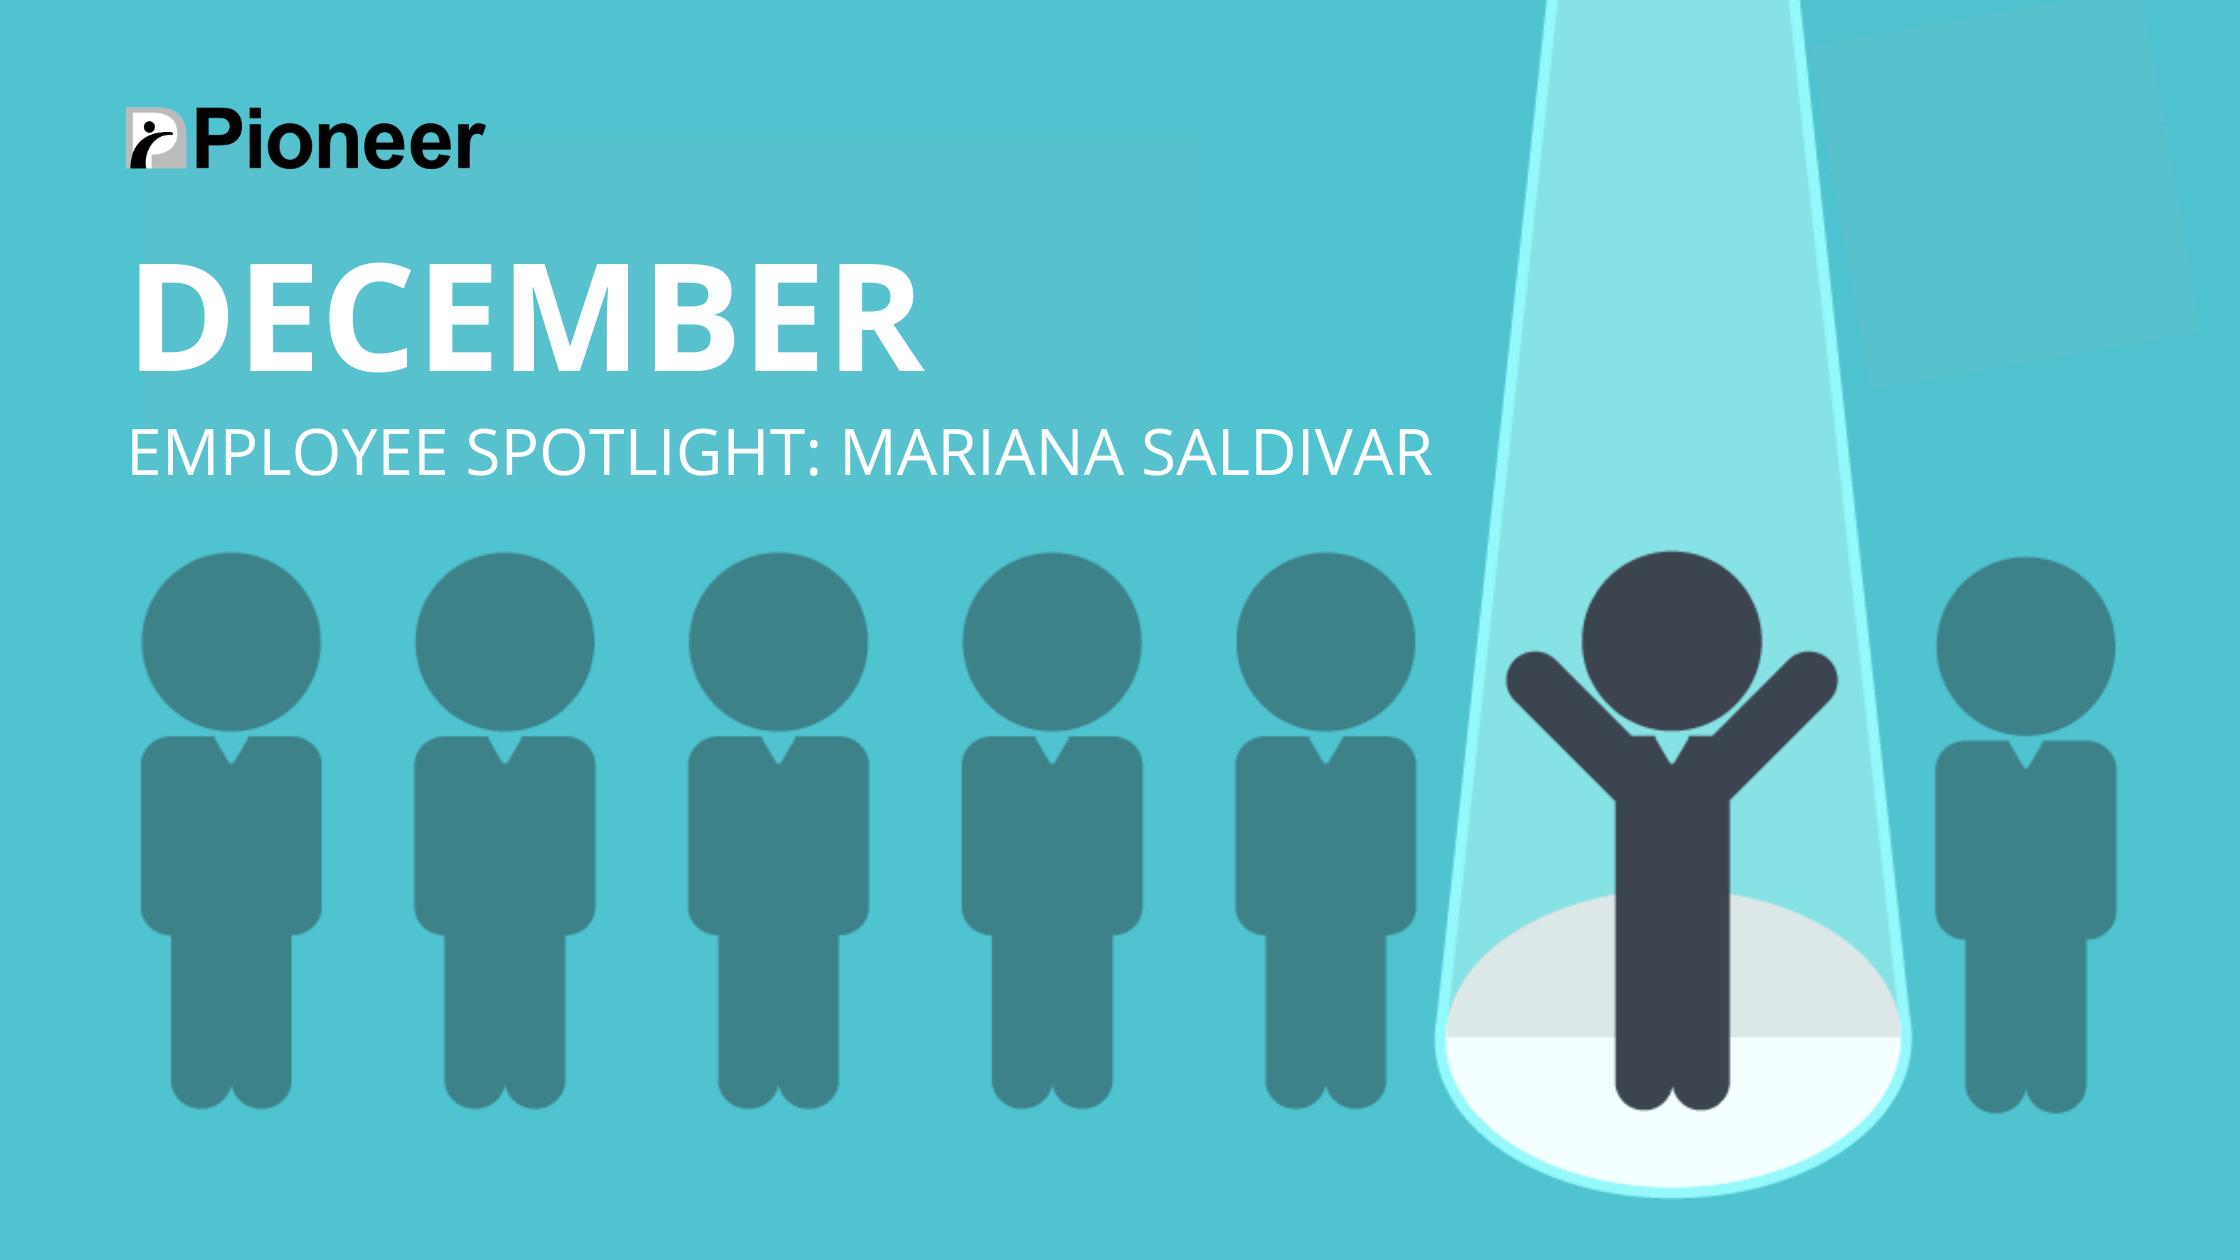 December Employee Spotlight: Mariana Saldivar